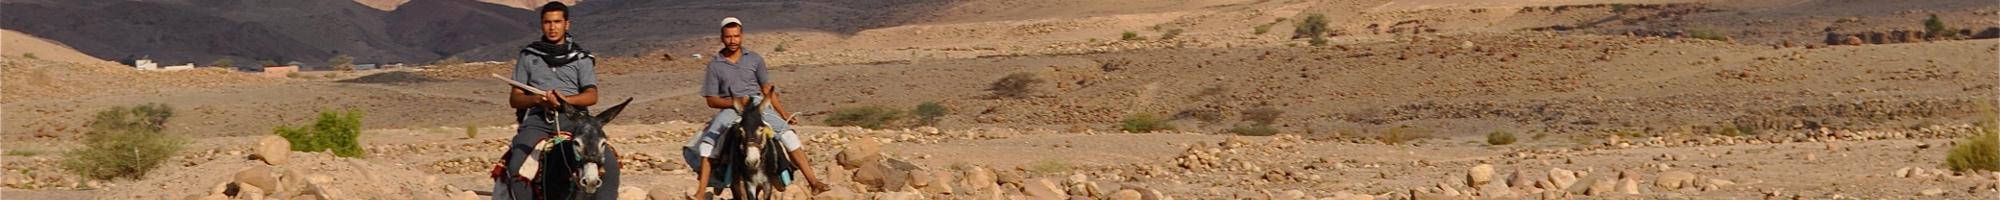 https://www.intakt-reisen.de/wp-content/themes/intakt-reisen-de/img/slideshow/Dana Nationalpark in Jordanien